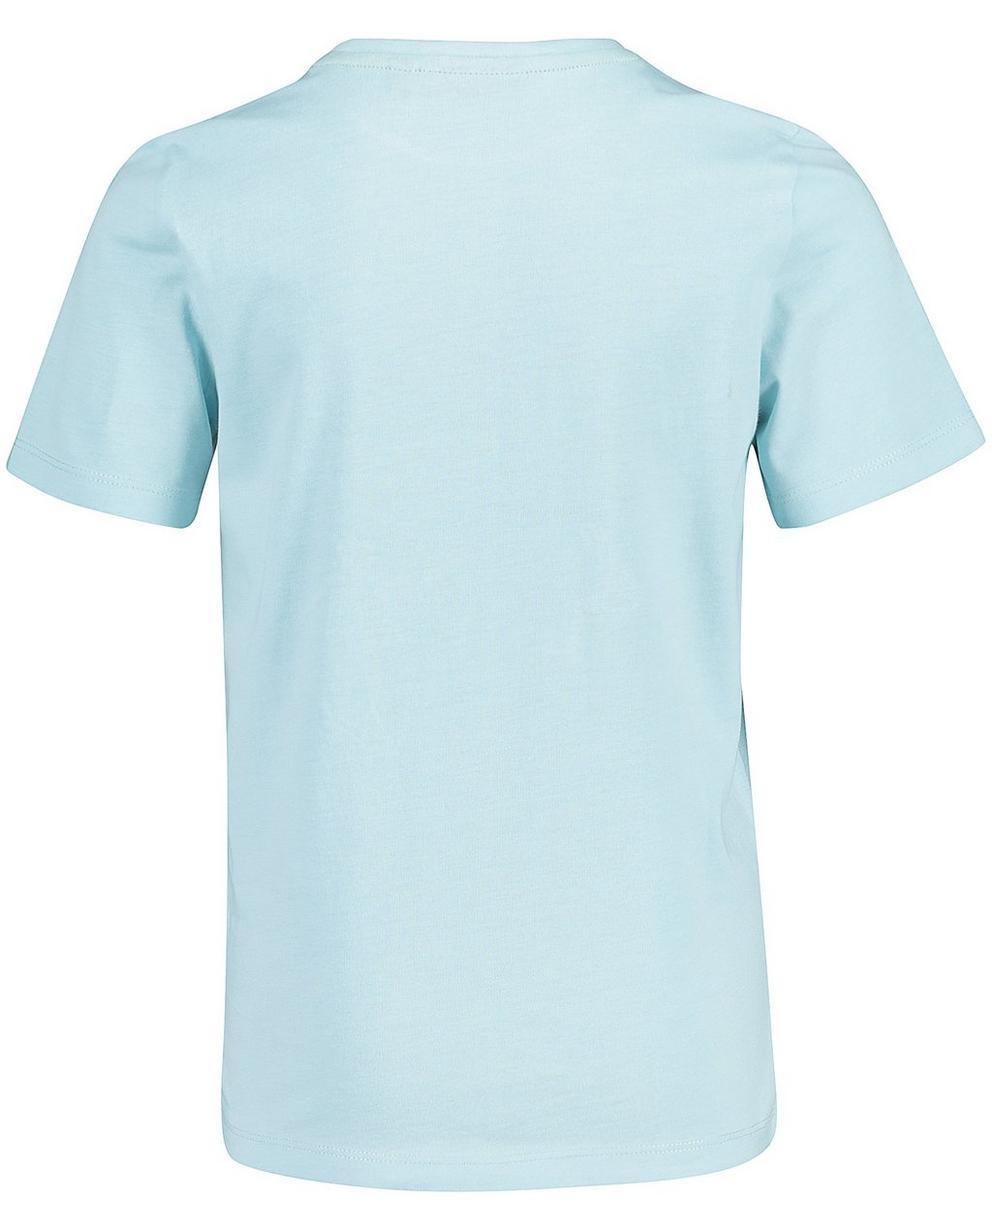 T-Shirts - Helltürkis - T-Shirt mit Print und Aufschrift